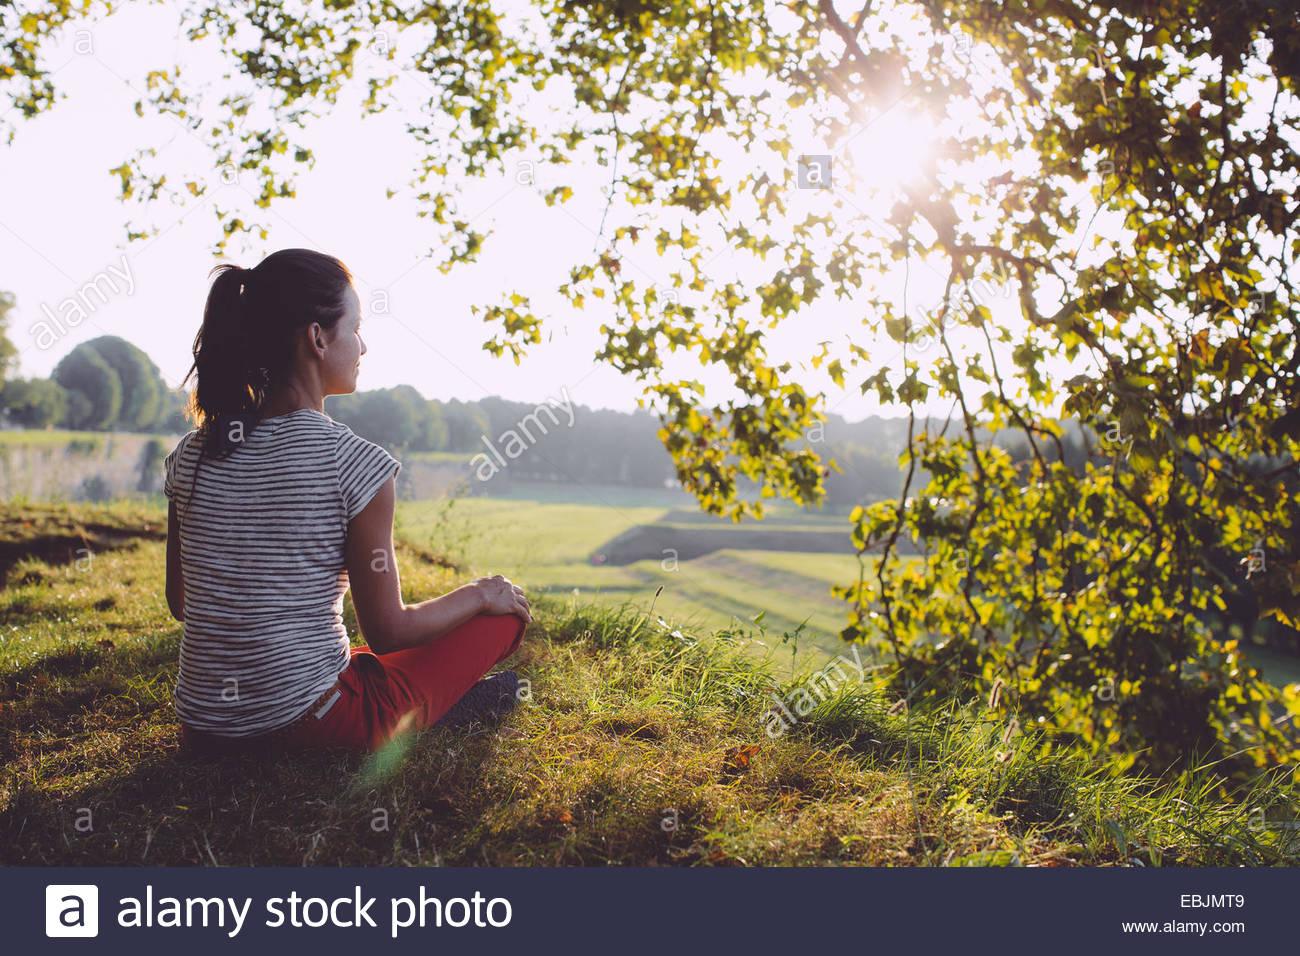 Vista trasera de mediados adulto mujer sentada mirando la vista horizontal, Toscana, Italia Imagen De Stock